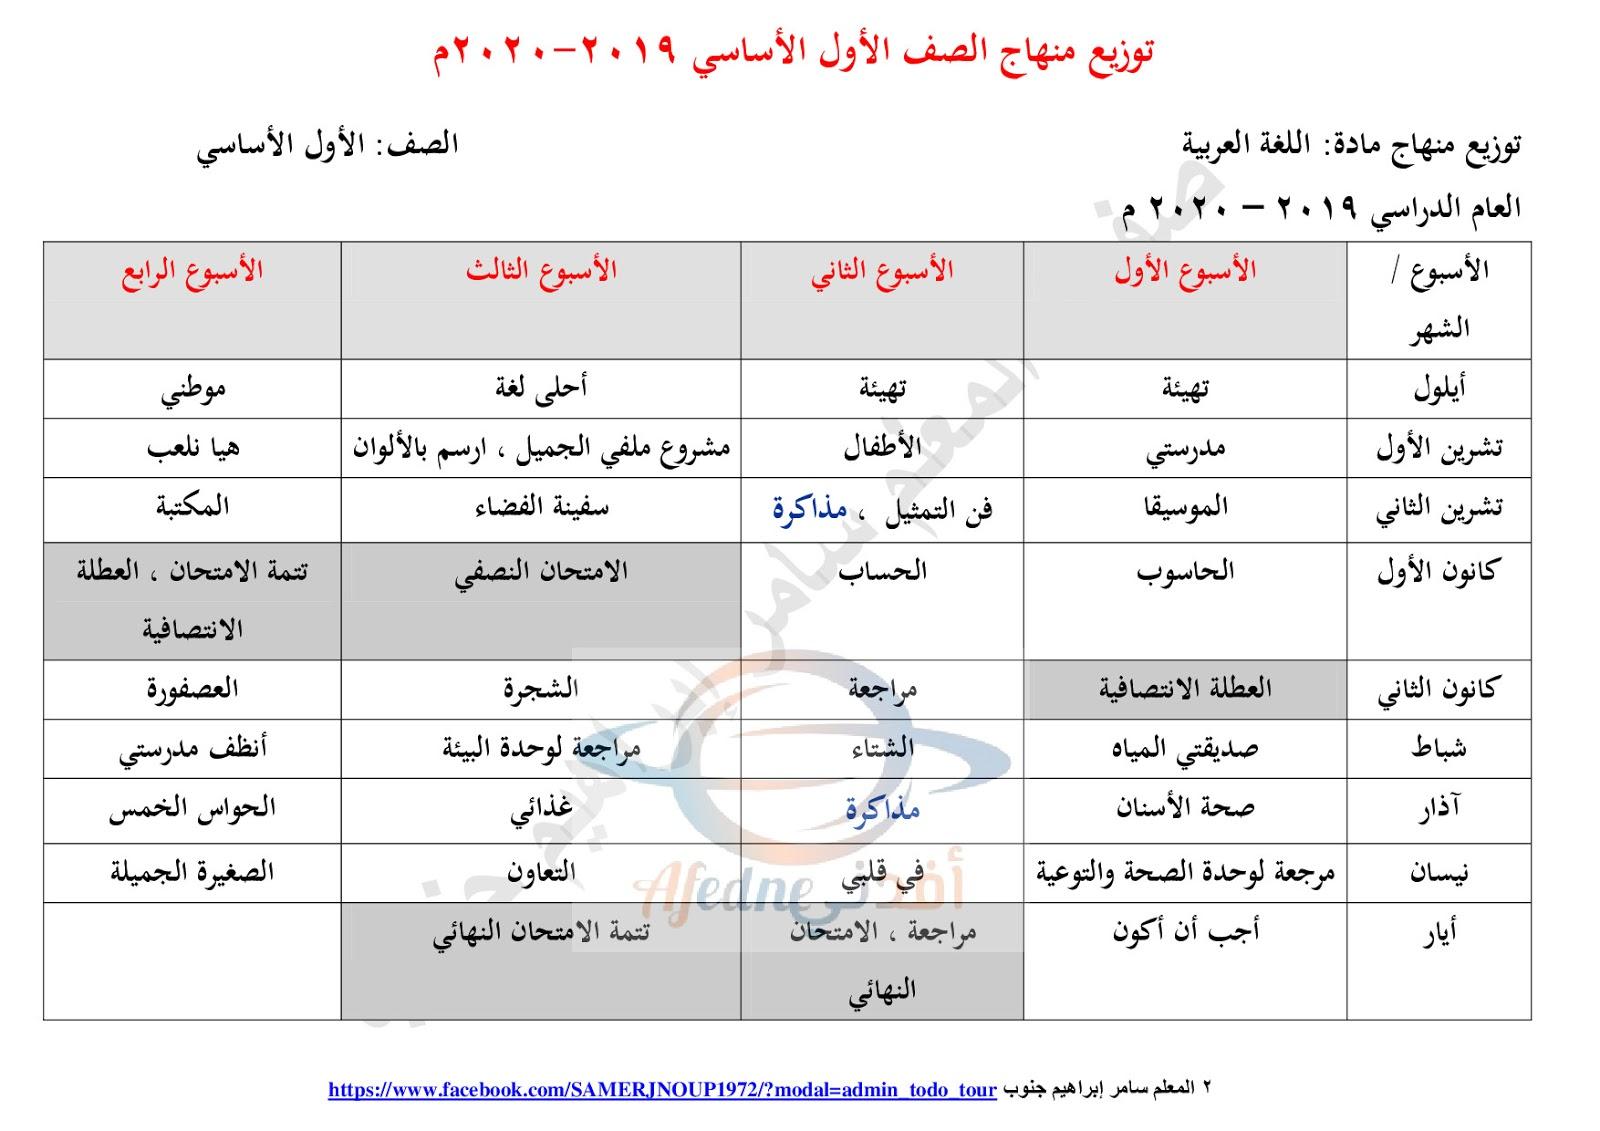 خطة توزيع مناهج جميع المواد ولكل المراحل التعليمية في سورية 2019 2020